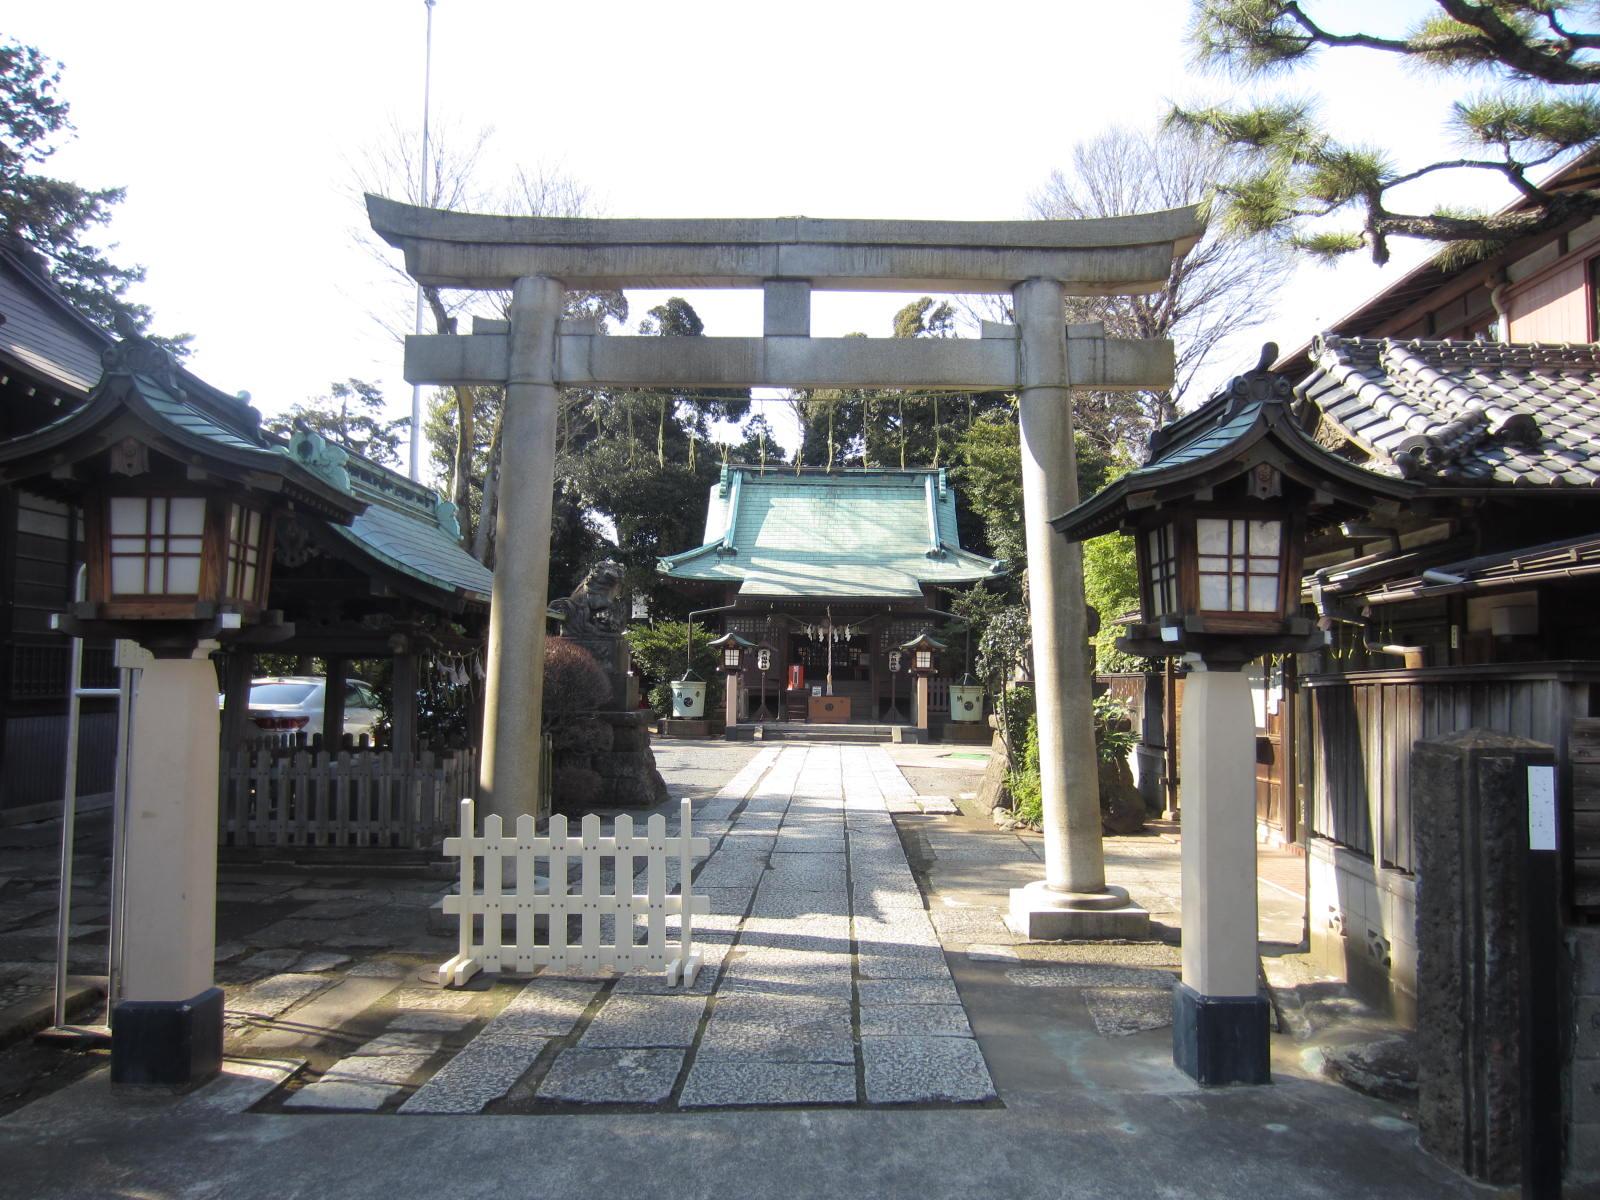 氏神様の天祖神社に行ってきました